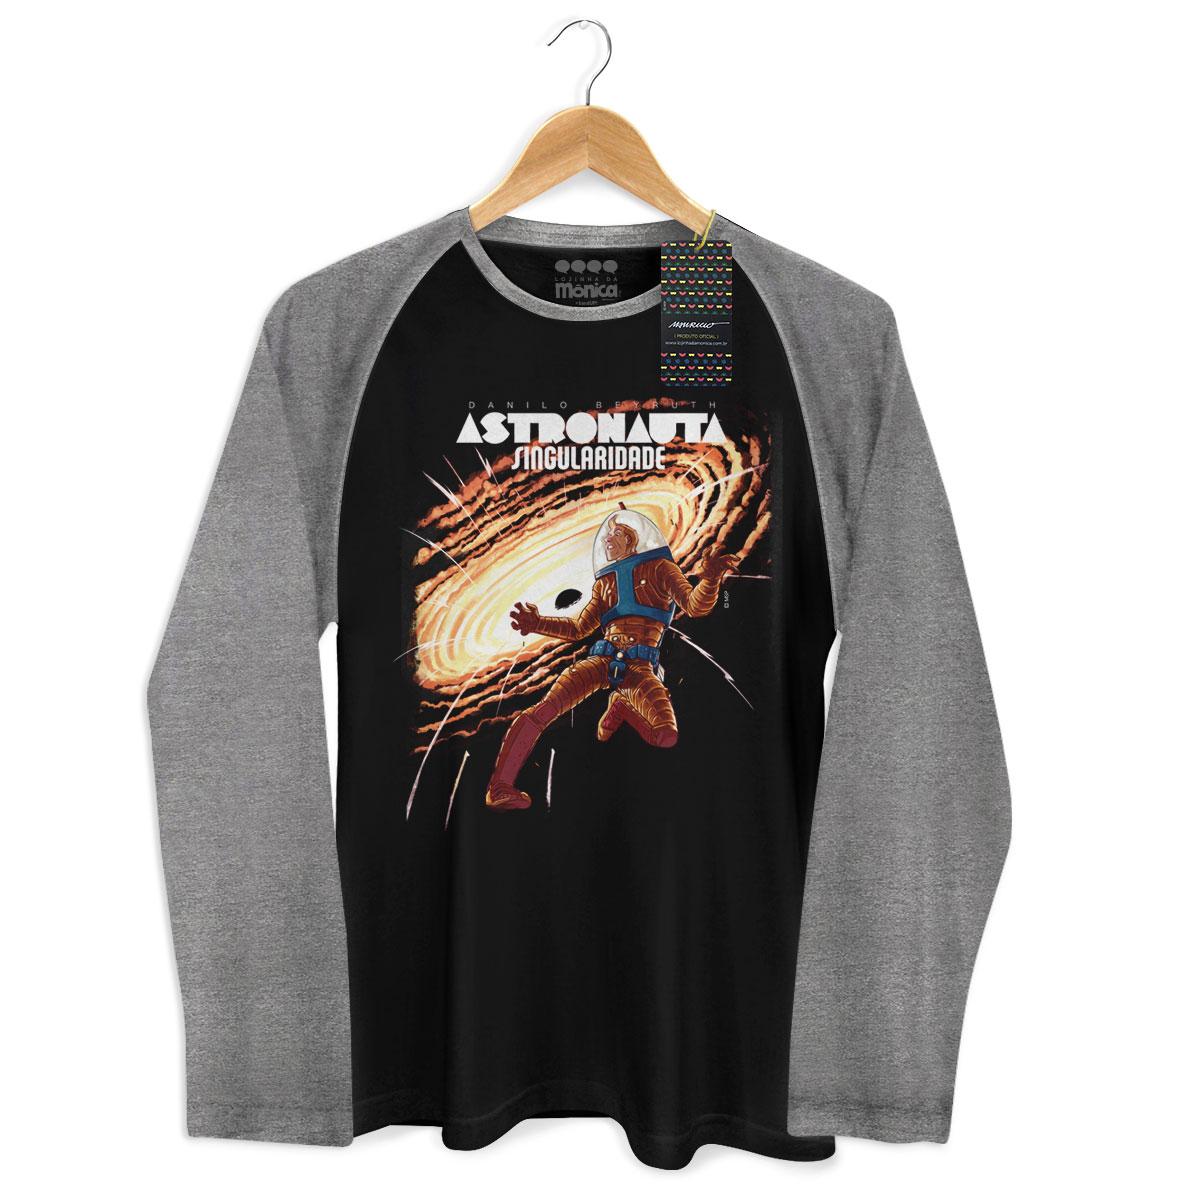 Camiseta Raglan Masculina Turma da Mônica Astronauta Singularidade